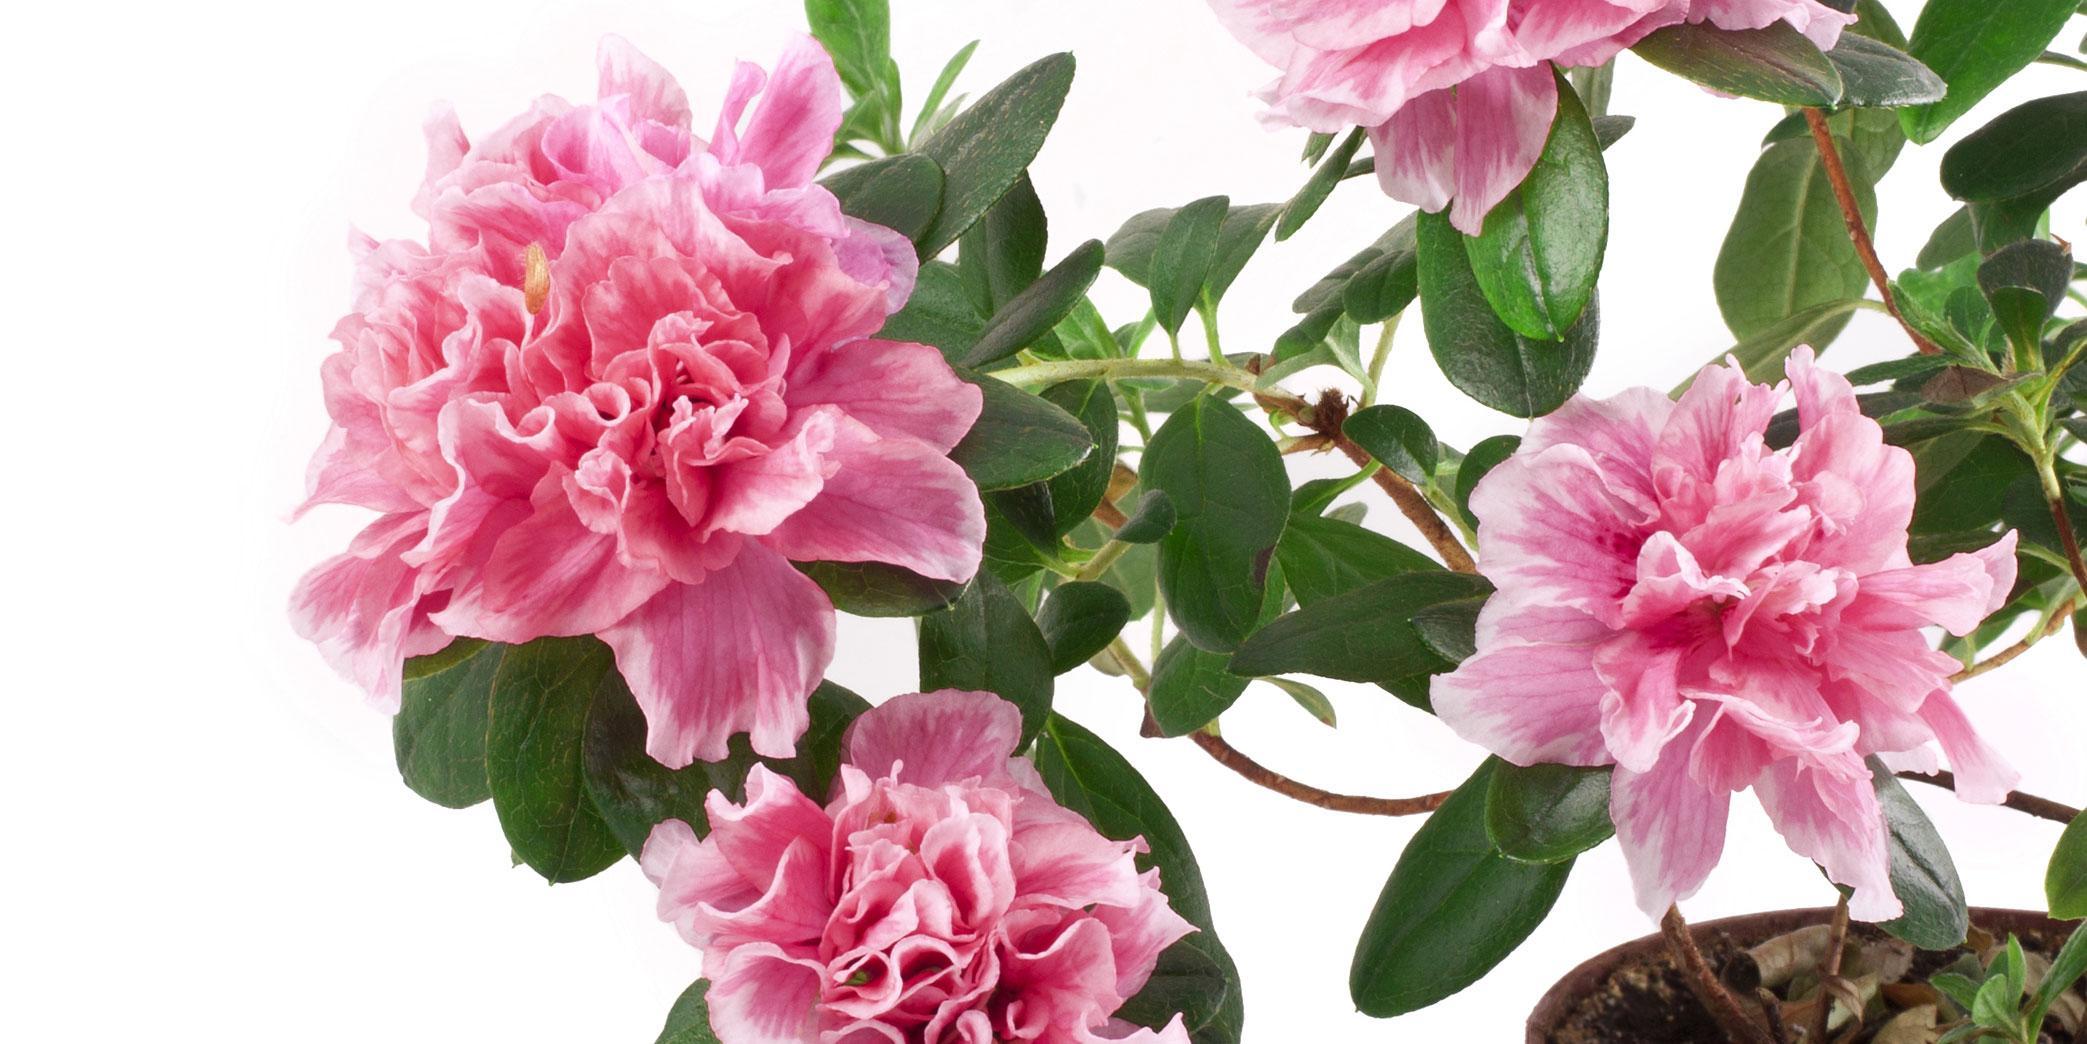 Ortensie Bianche Come Curarle piante acidofile: le cure contro il caldo - cose di casa